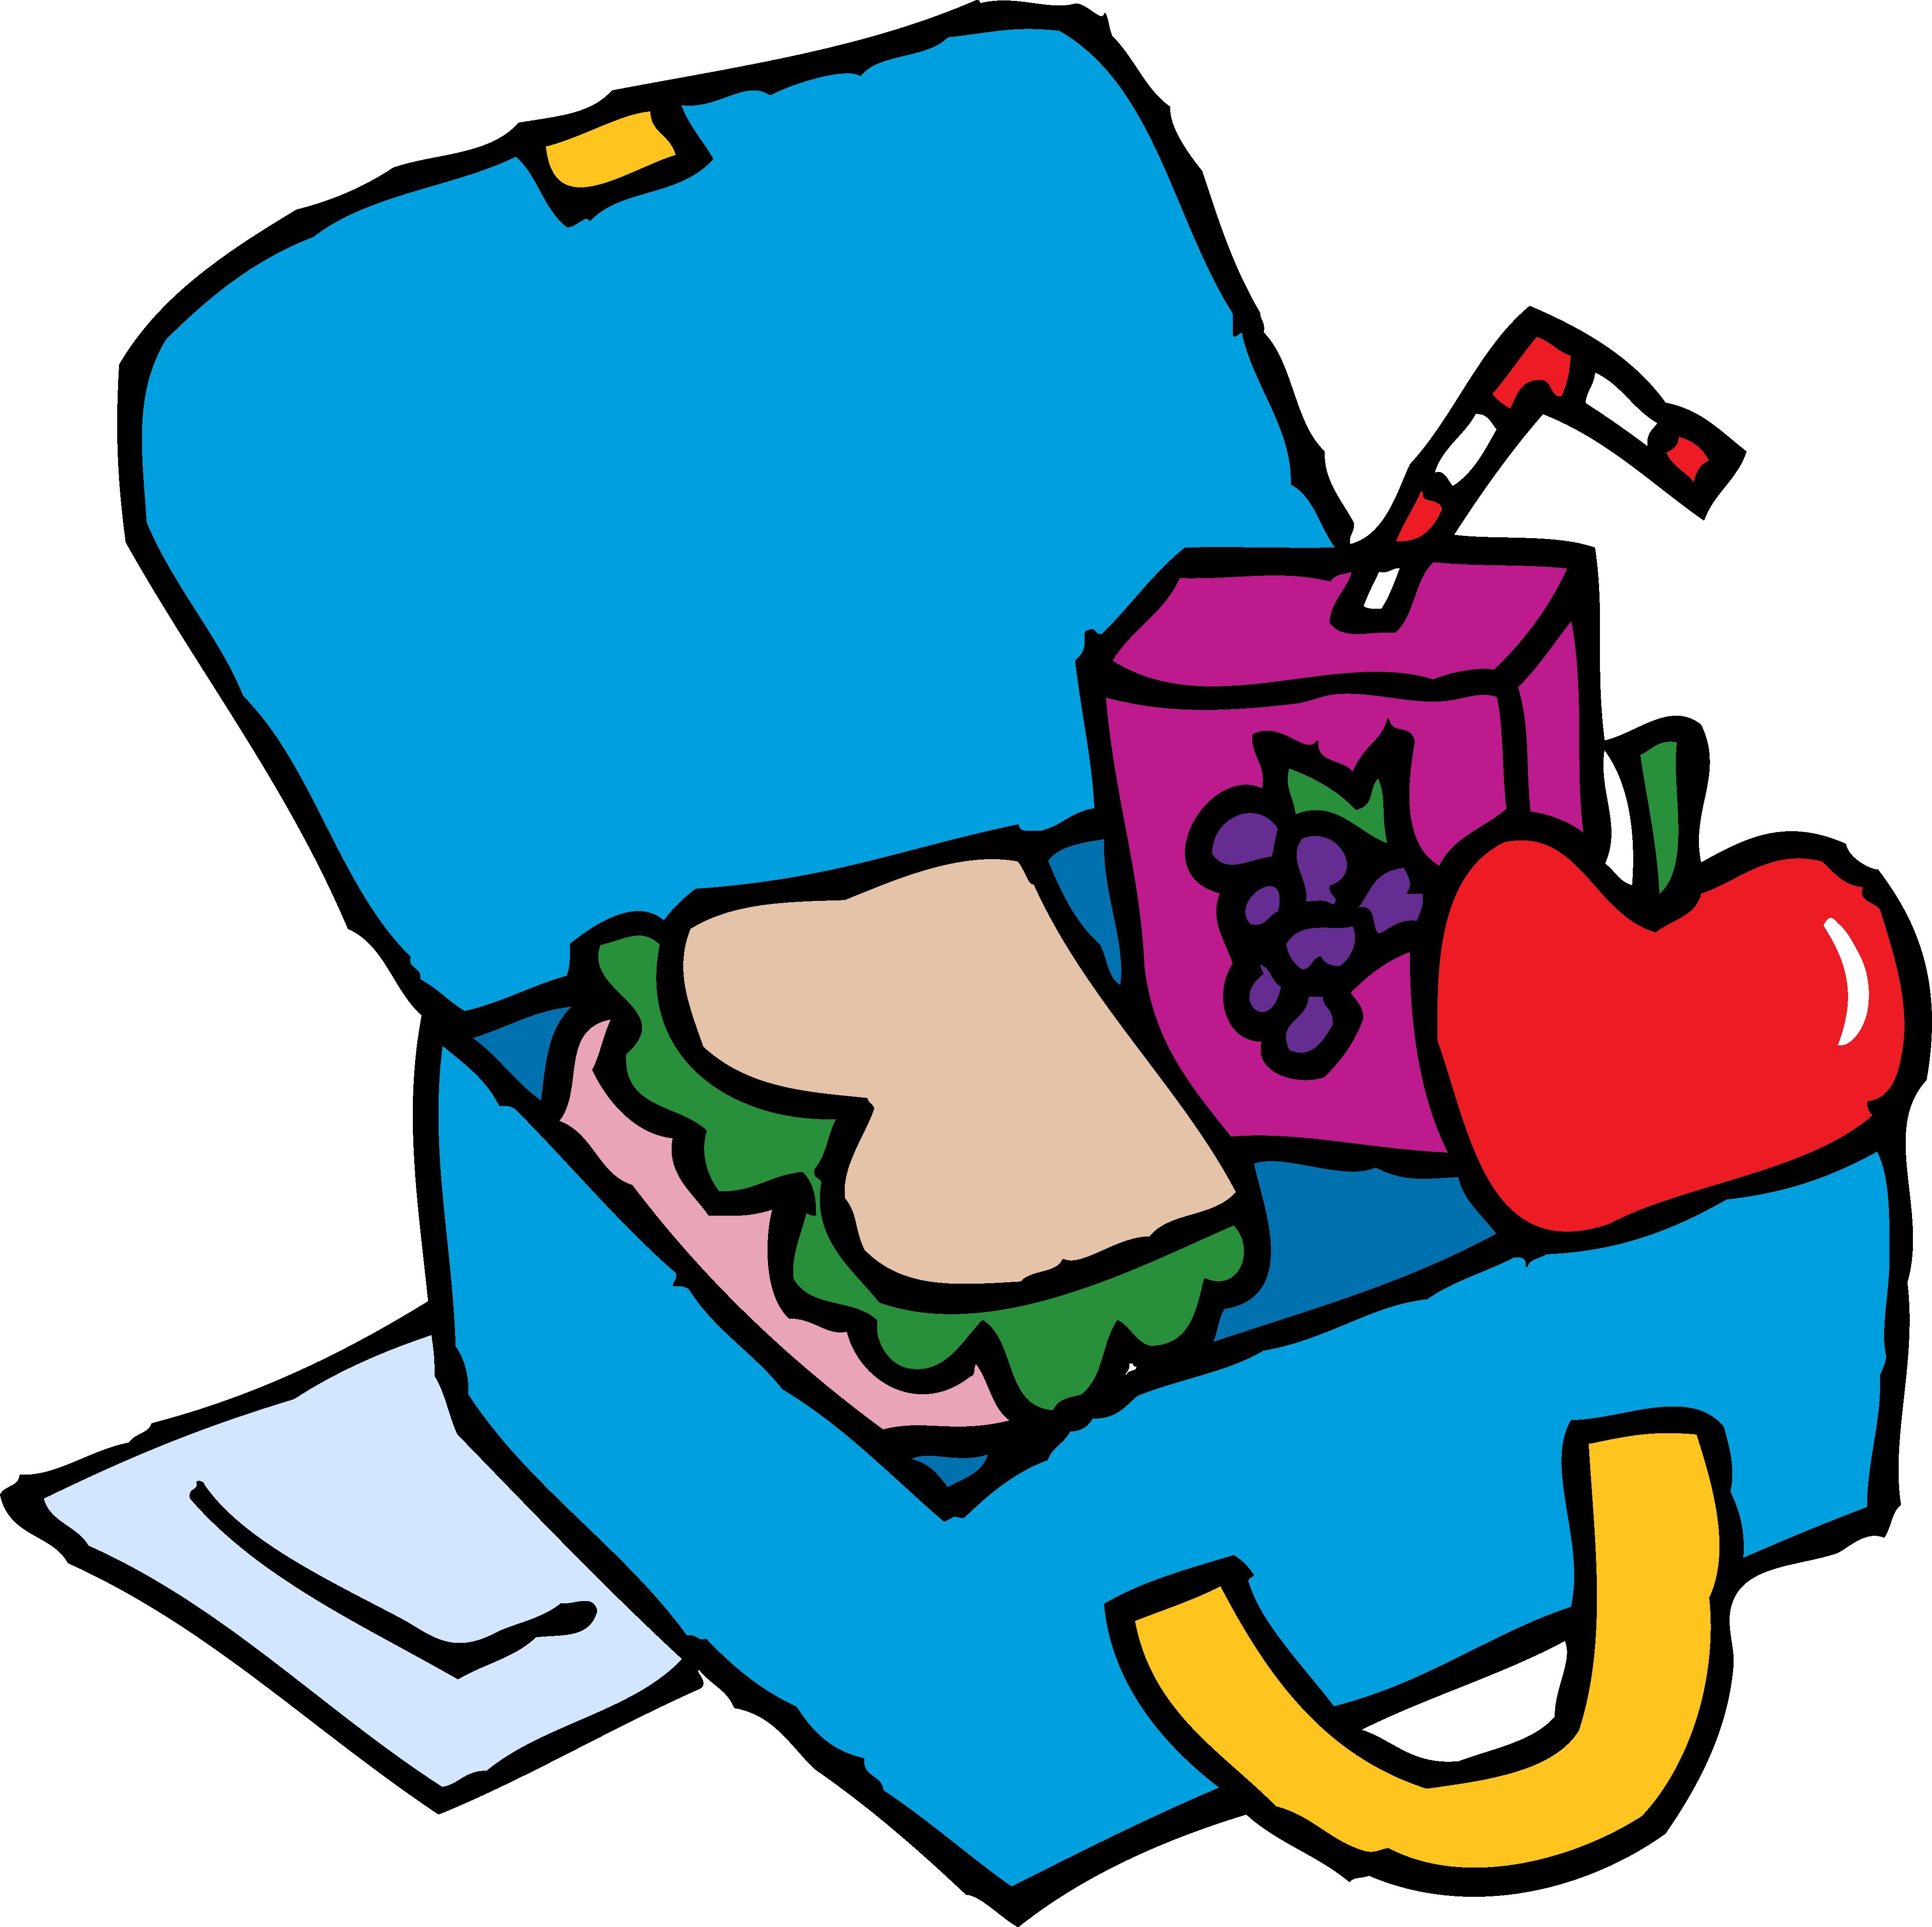 envy clipart - Clip Art Lunch